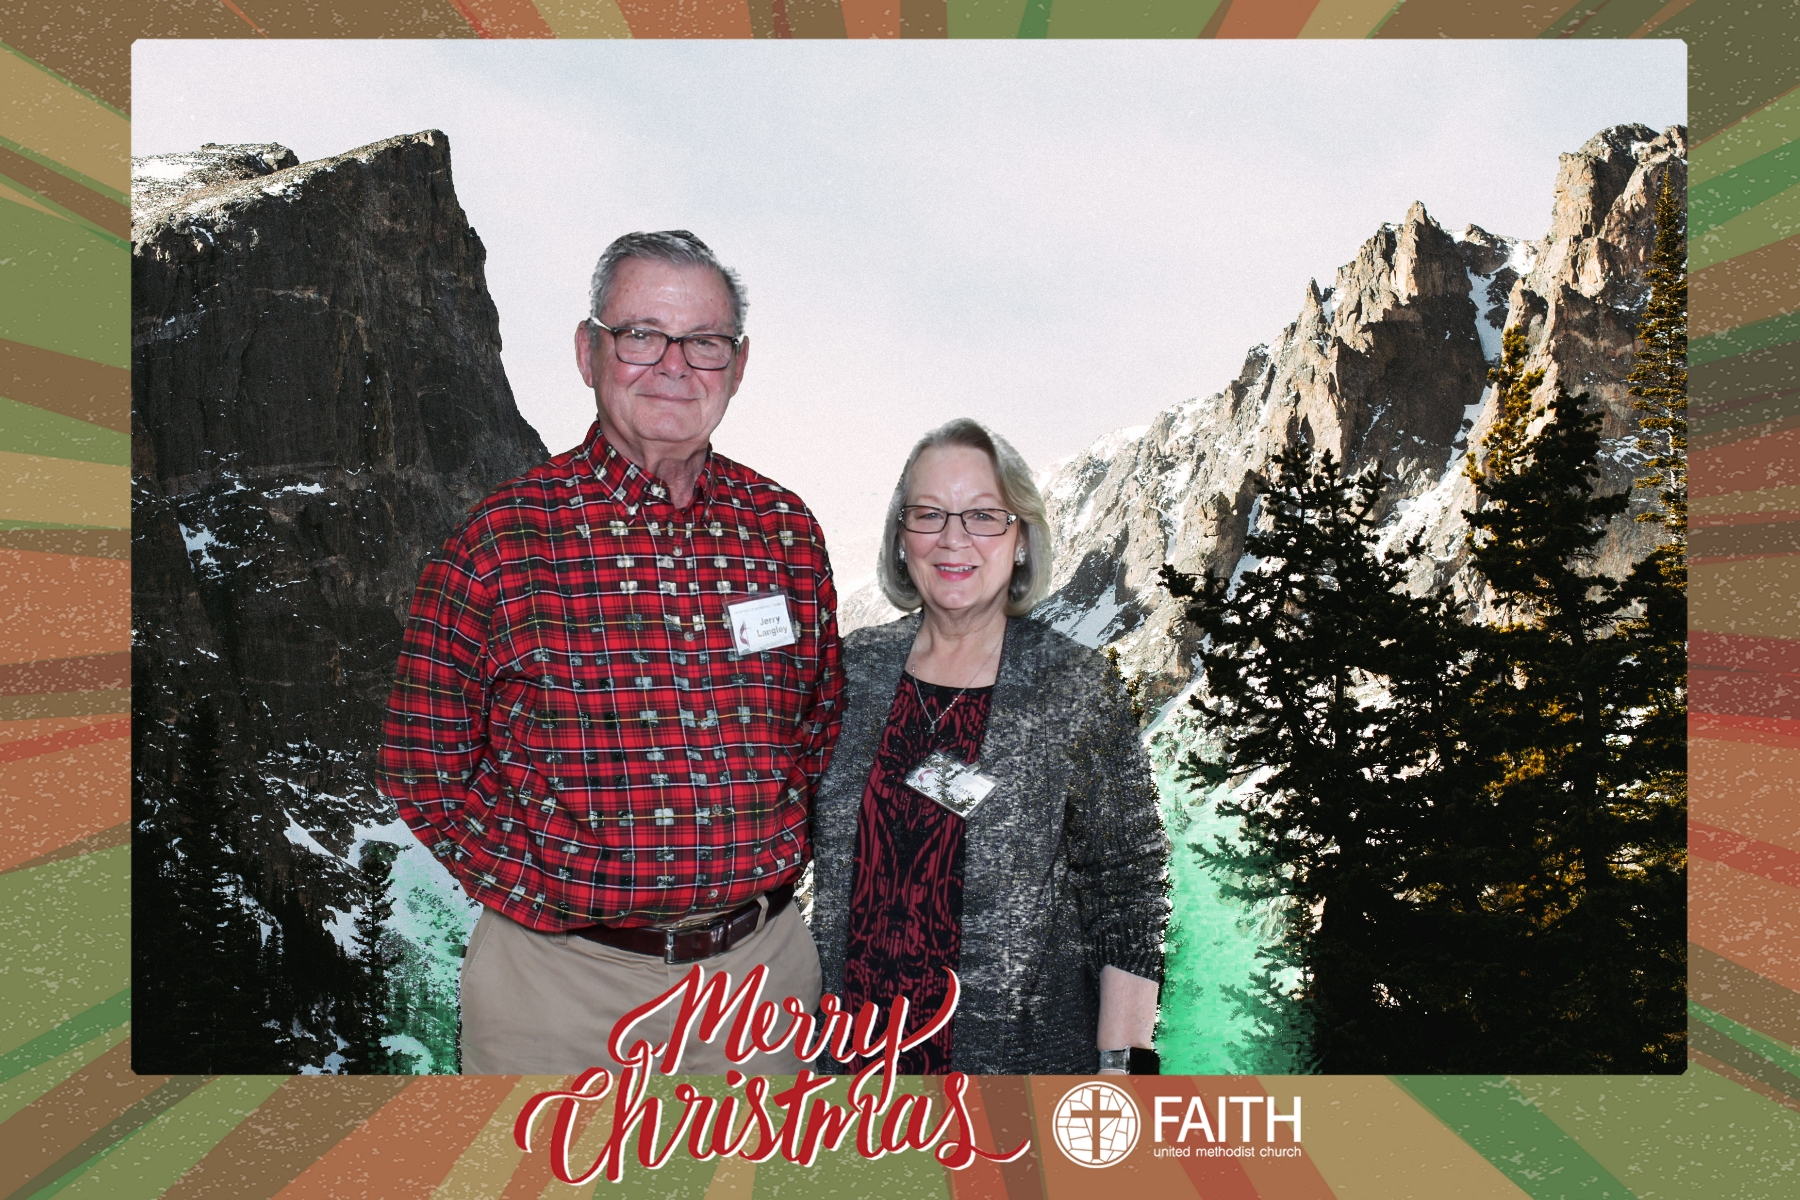 Faith2018_2018-12-24_17-17-43.jpg